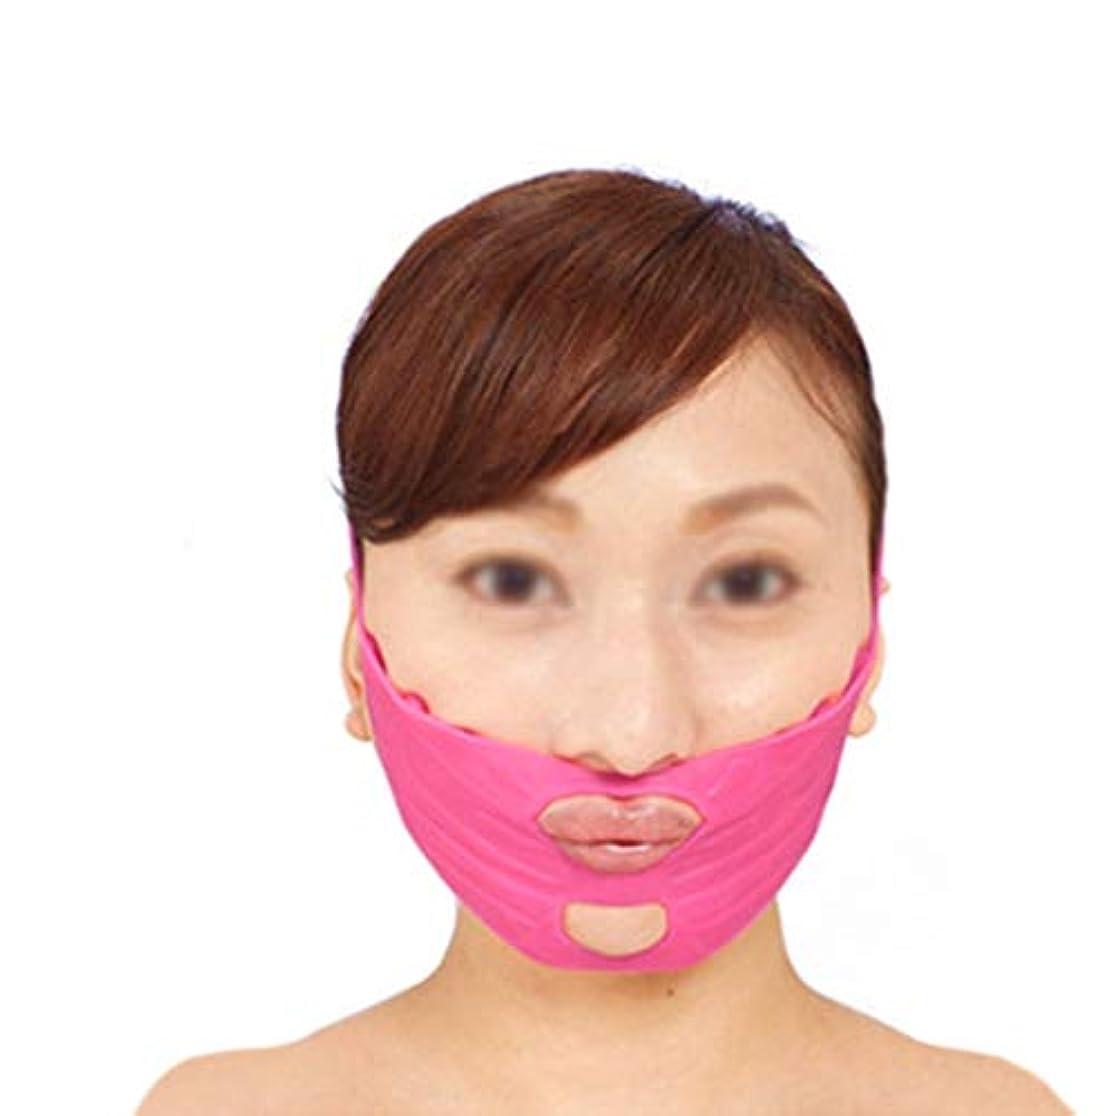 祝うスチュワード会社フェイスストラップ付きマスク、プルアップフェイスマスク、フェイスリフティングマスク、フェイス締め付け包帯、フェイスリフティング包帯、フェイスバンドを持ち上げて二重あごを減らす(ピンク、ワンサイズ)